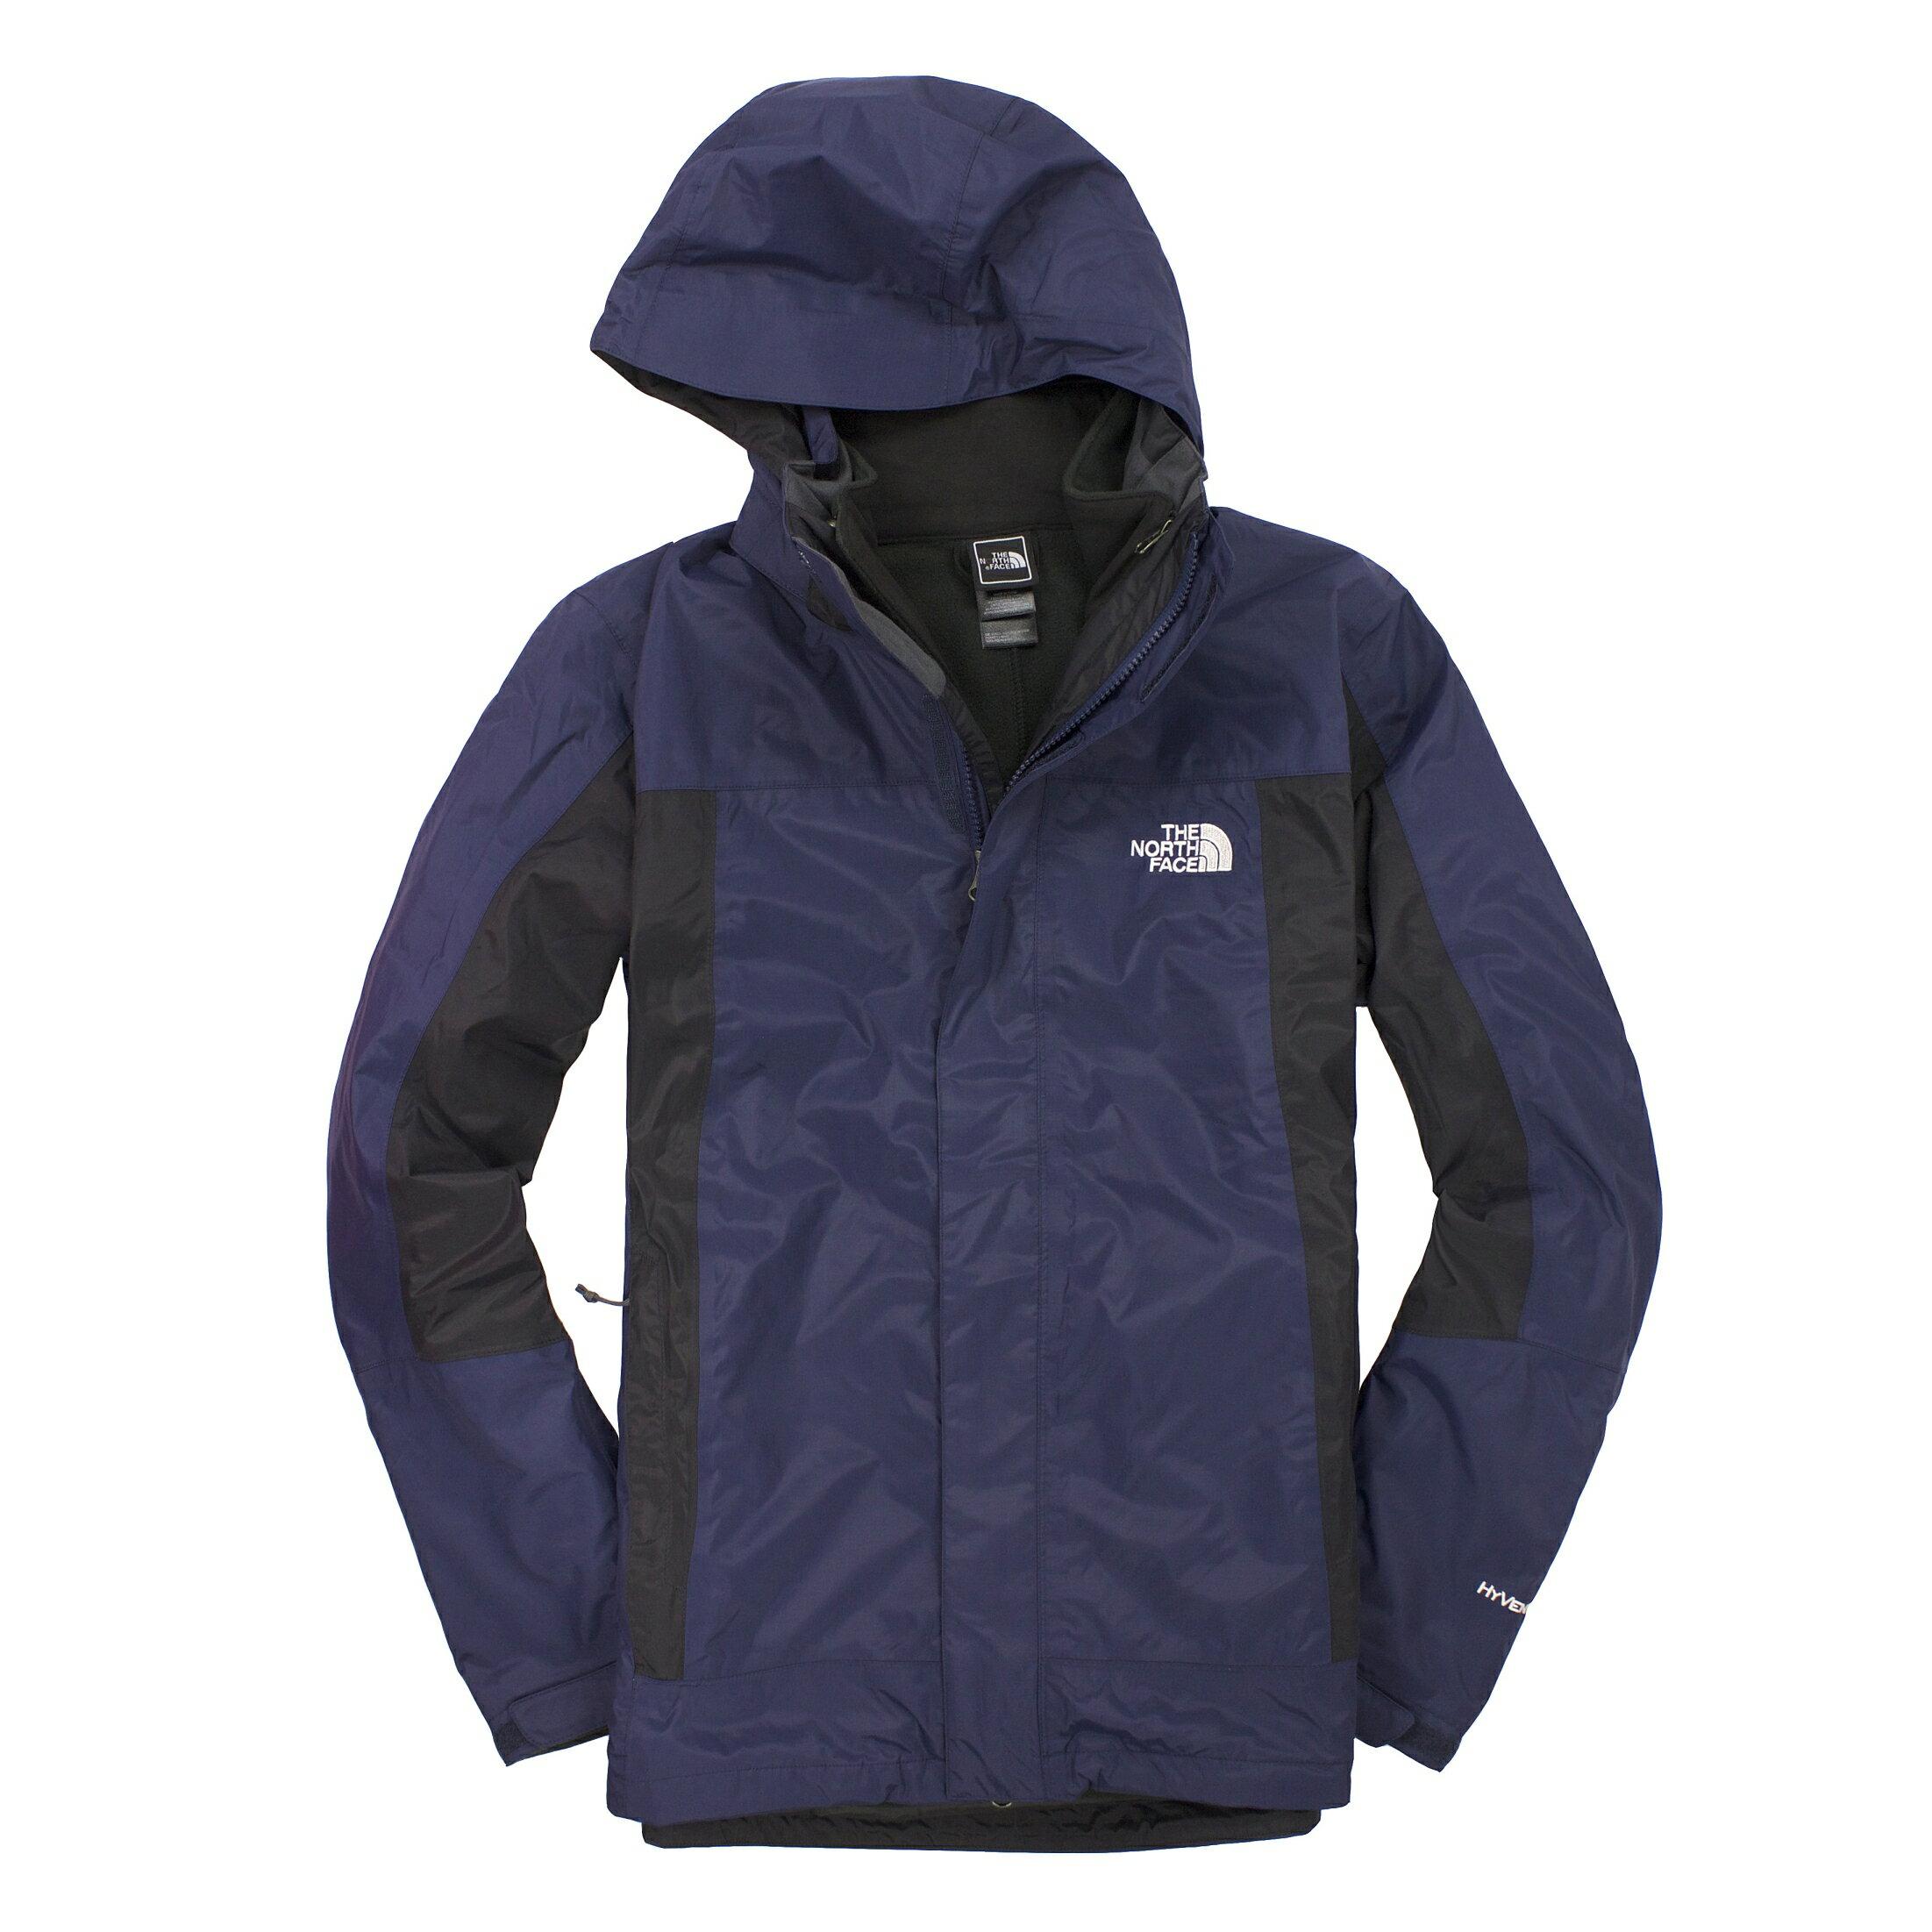 美國百分百【全新真品】The North Face 外套 TNF 夾克 連帽 北臉 深藍黑 兩件式 Hyvent 男 S號 A831